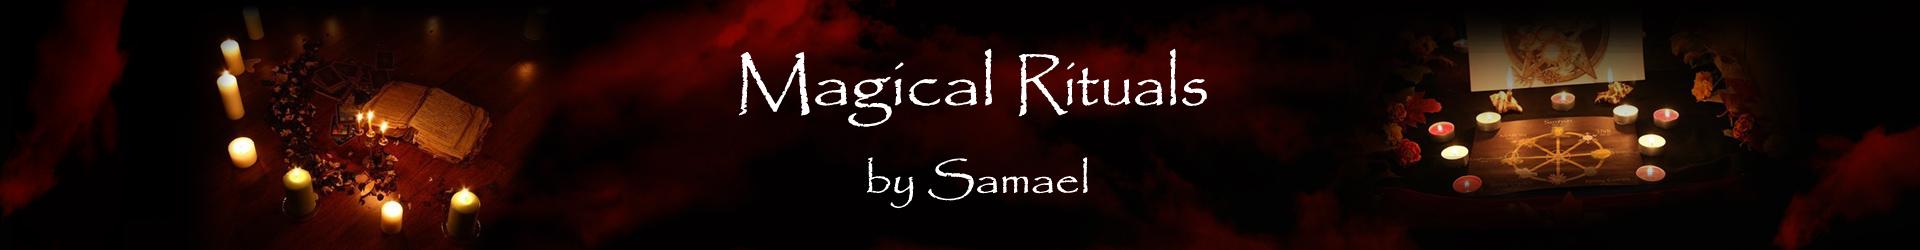 magic rituals